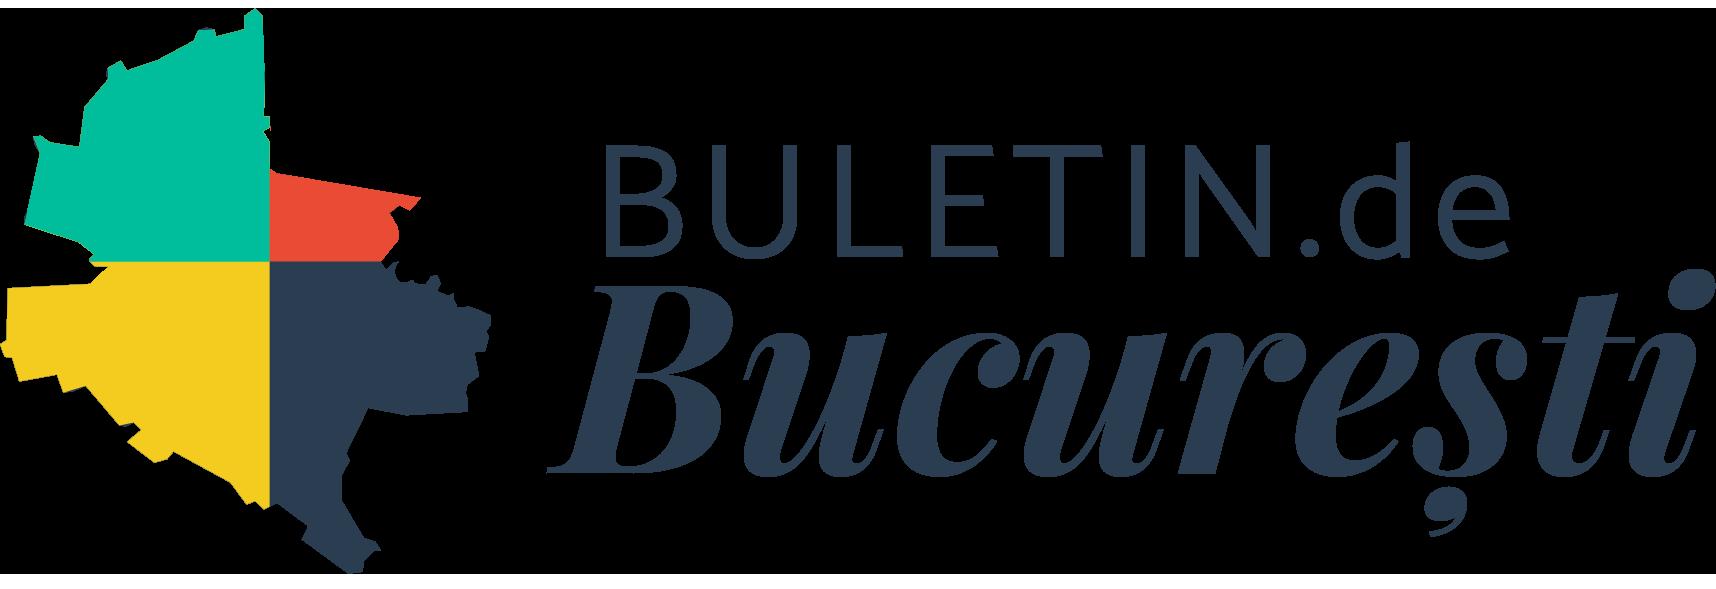 Buletin de București